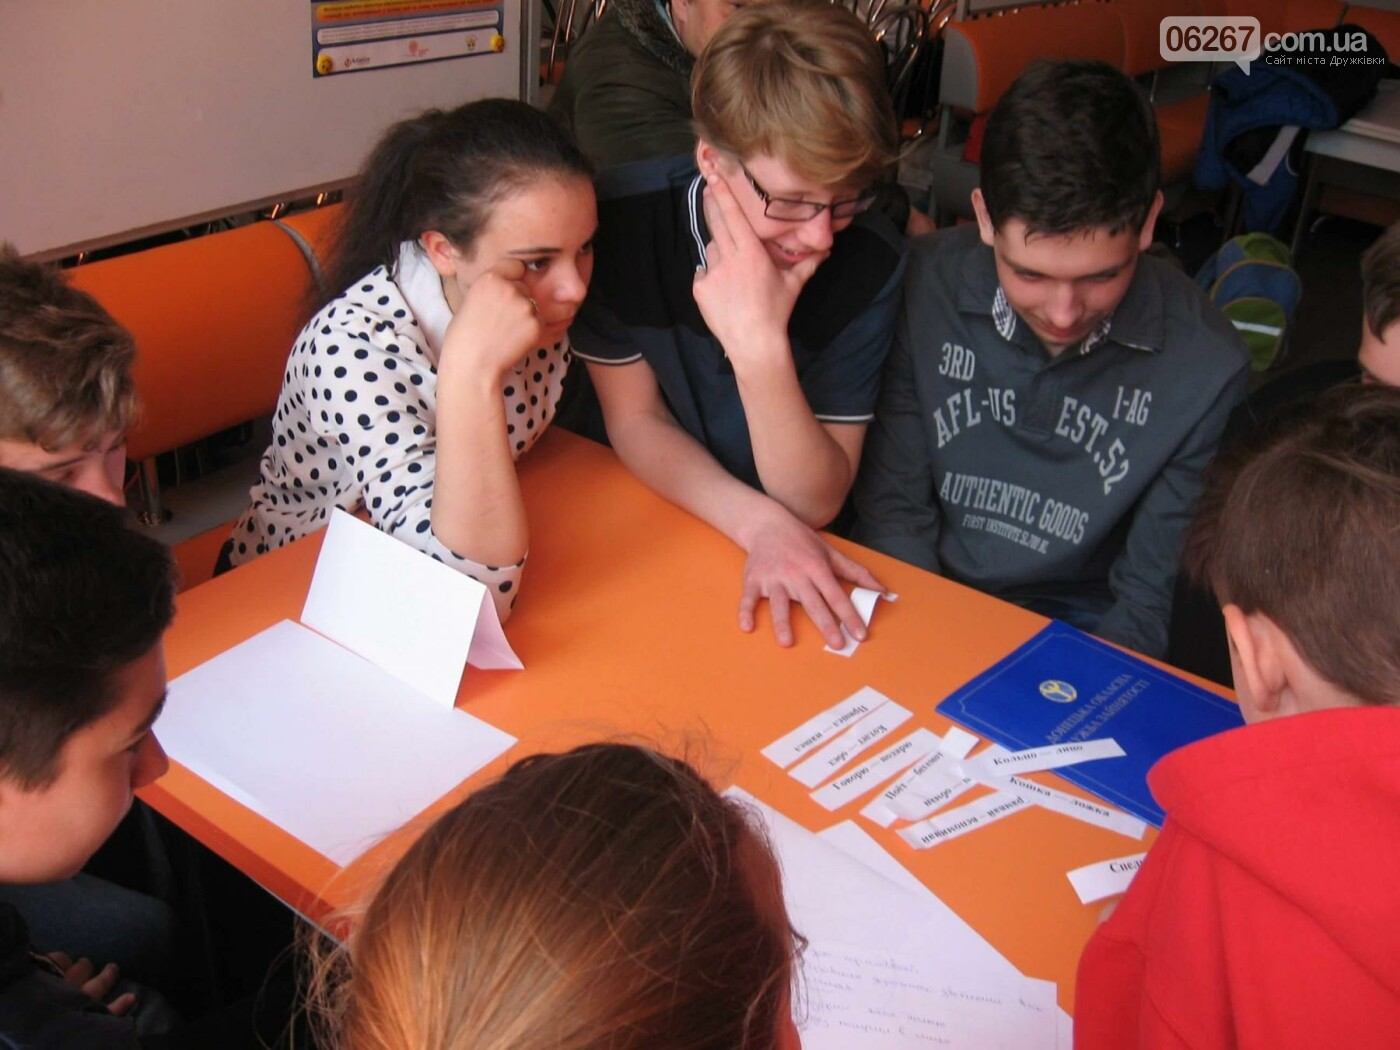 Квест в помощь: Дружковские школьники в интерактивной форме выбирают будущую профессию, фото-1